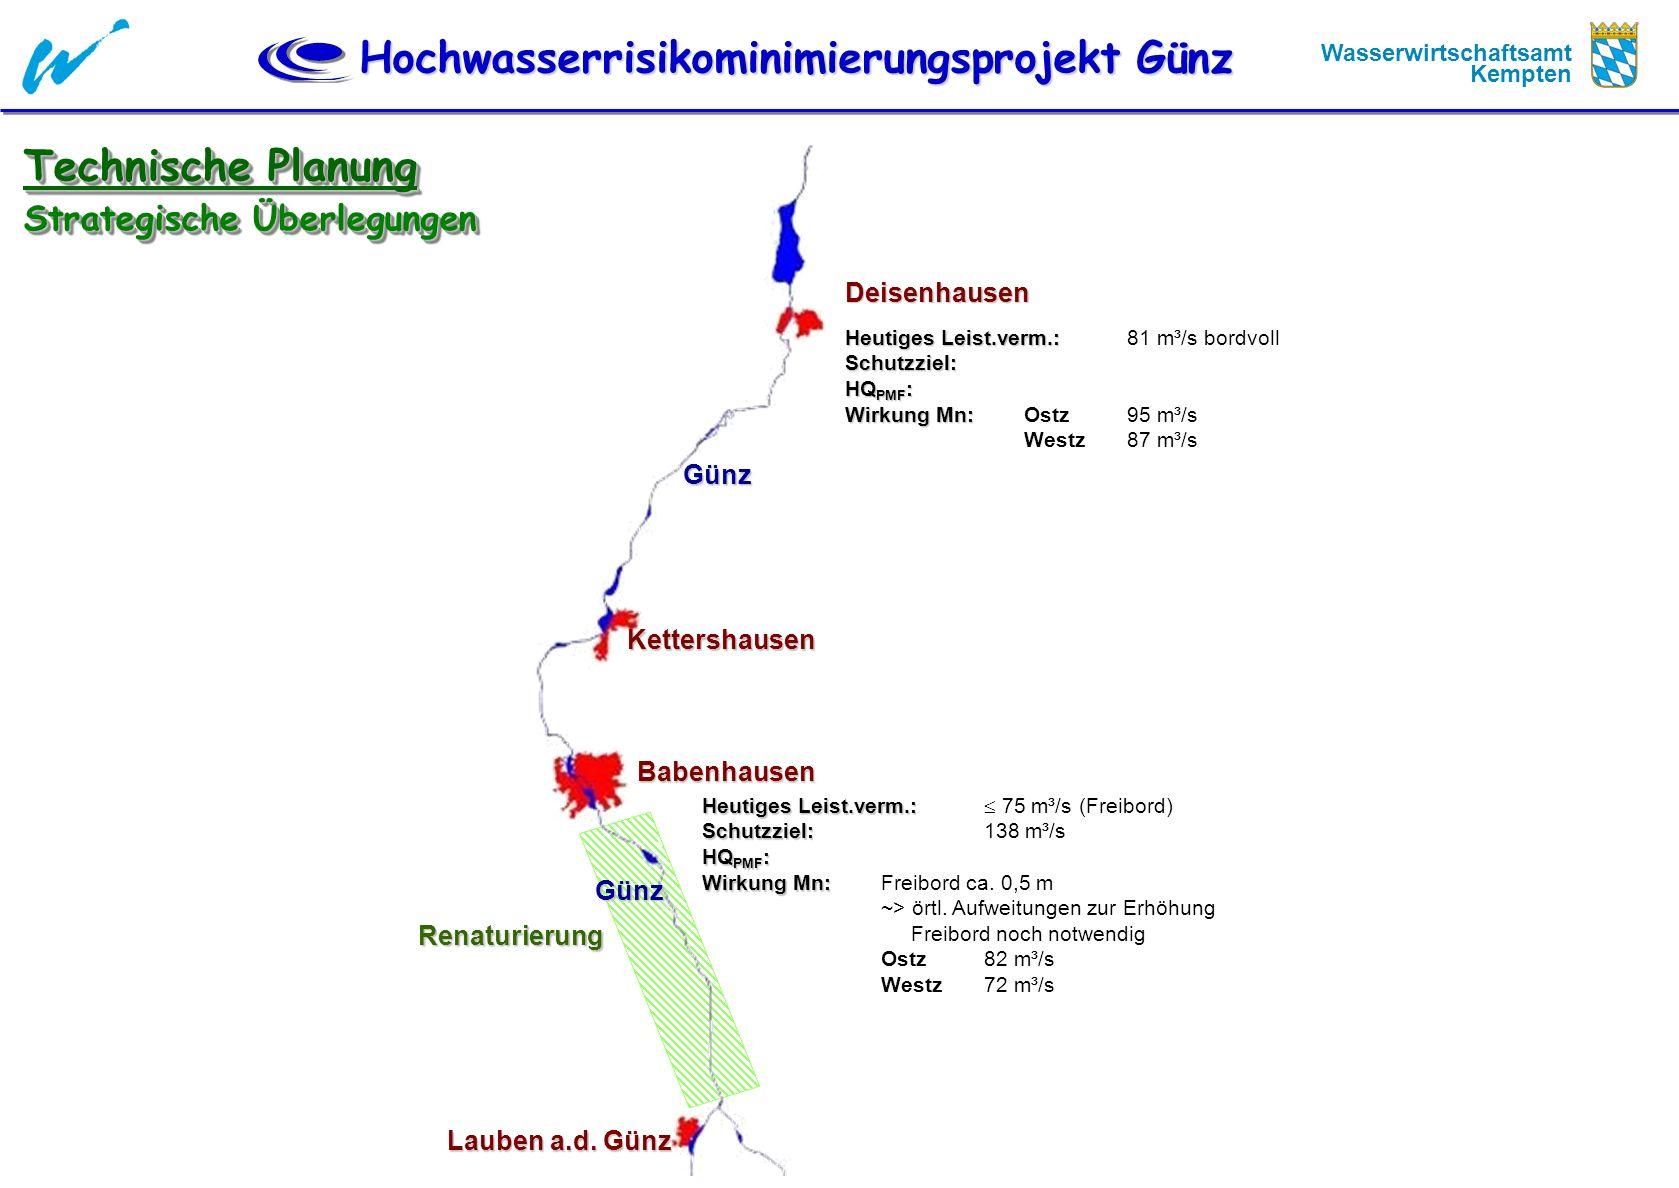 Hochwasserrisikominimierungsprojekt Günz Wasserwirtschaftsamt Kempten Technische Planung Strategische Überlegungen Lauben a.d. Günz Deisenhausen Kette